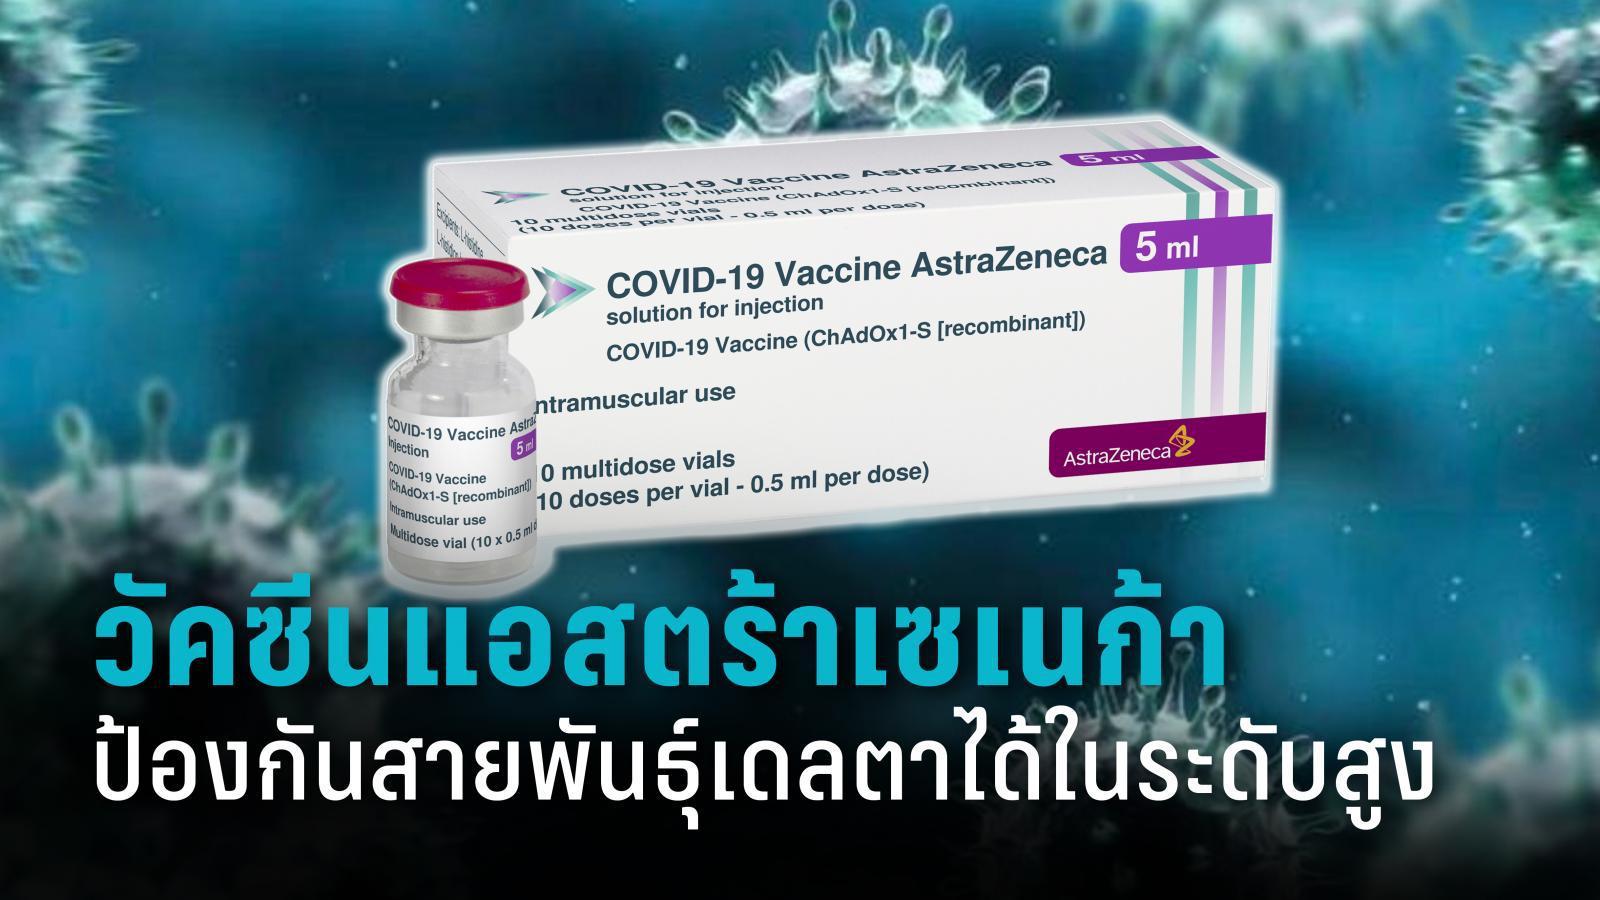 """วัคซีนโควิด """"แอสตร้าเซเนก้า"""" ป้องกัน """"สายพันธุ์เดลตา"""" ได้ในระดับที่สูง"""